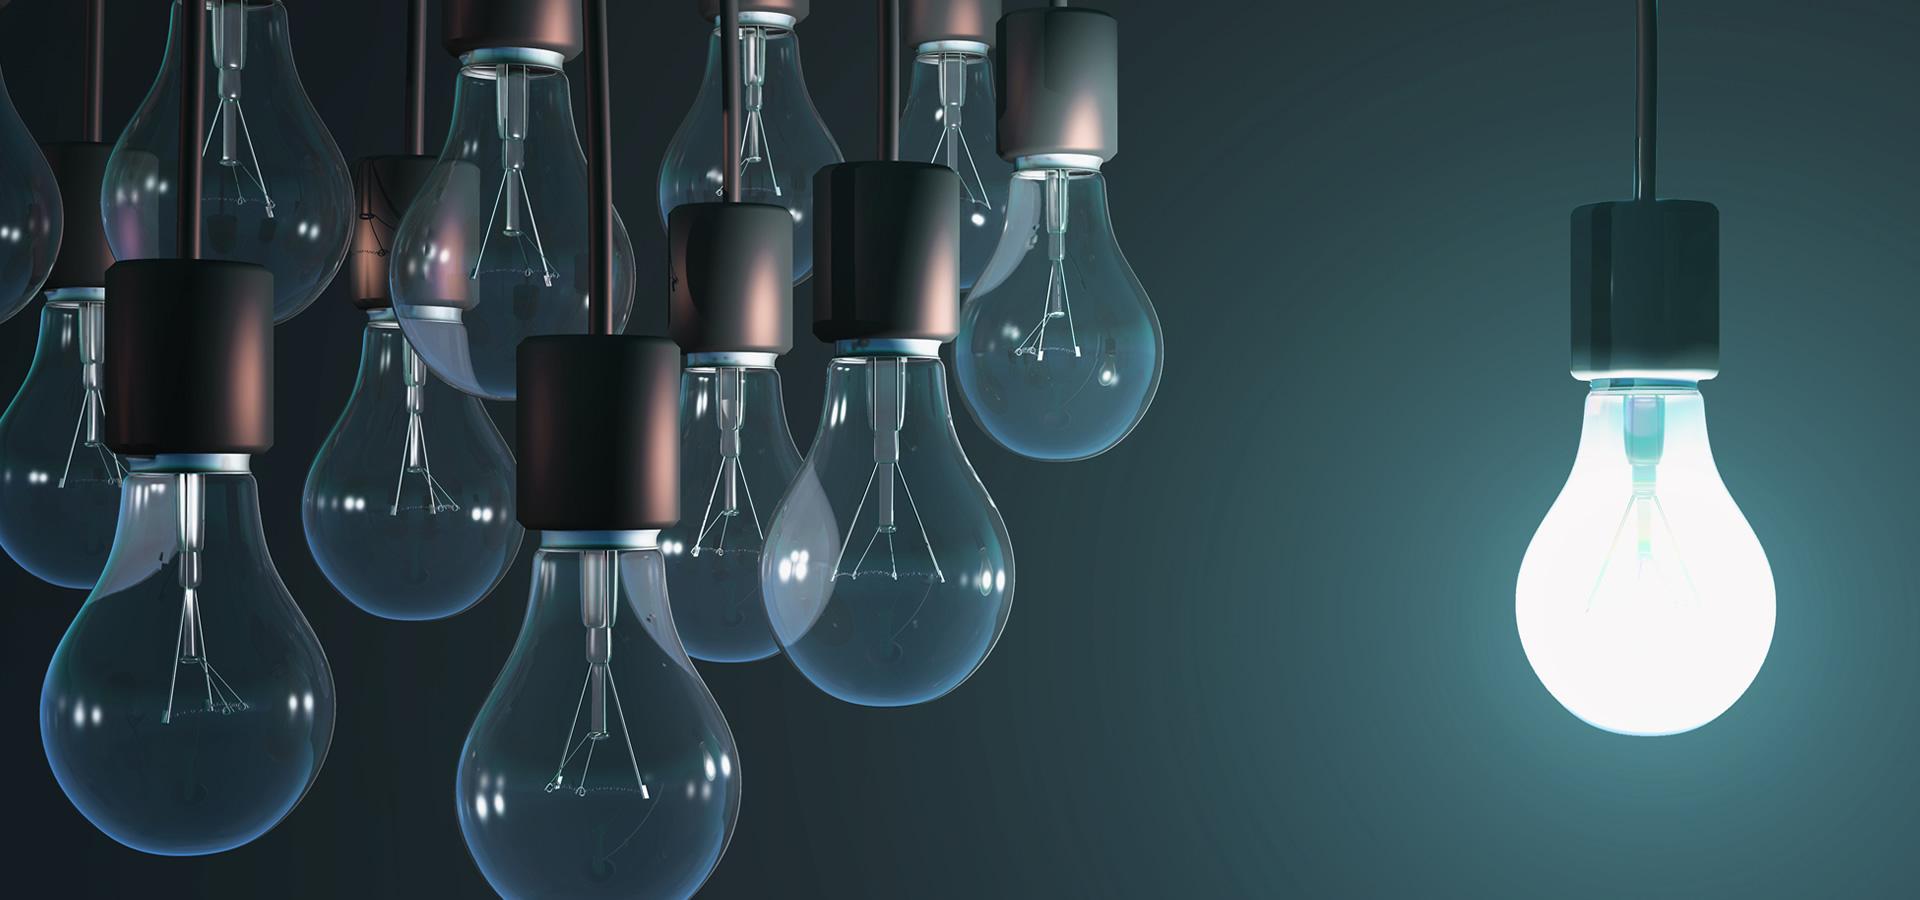 Novas ideias, novas soluções